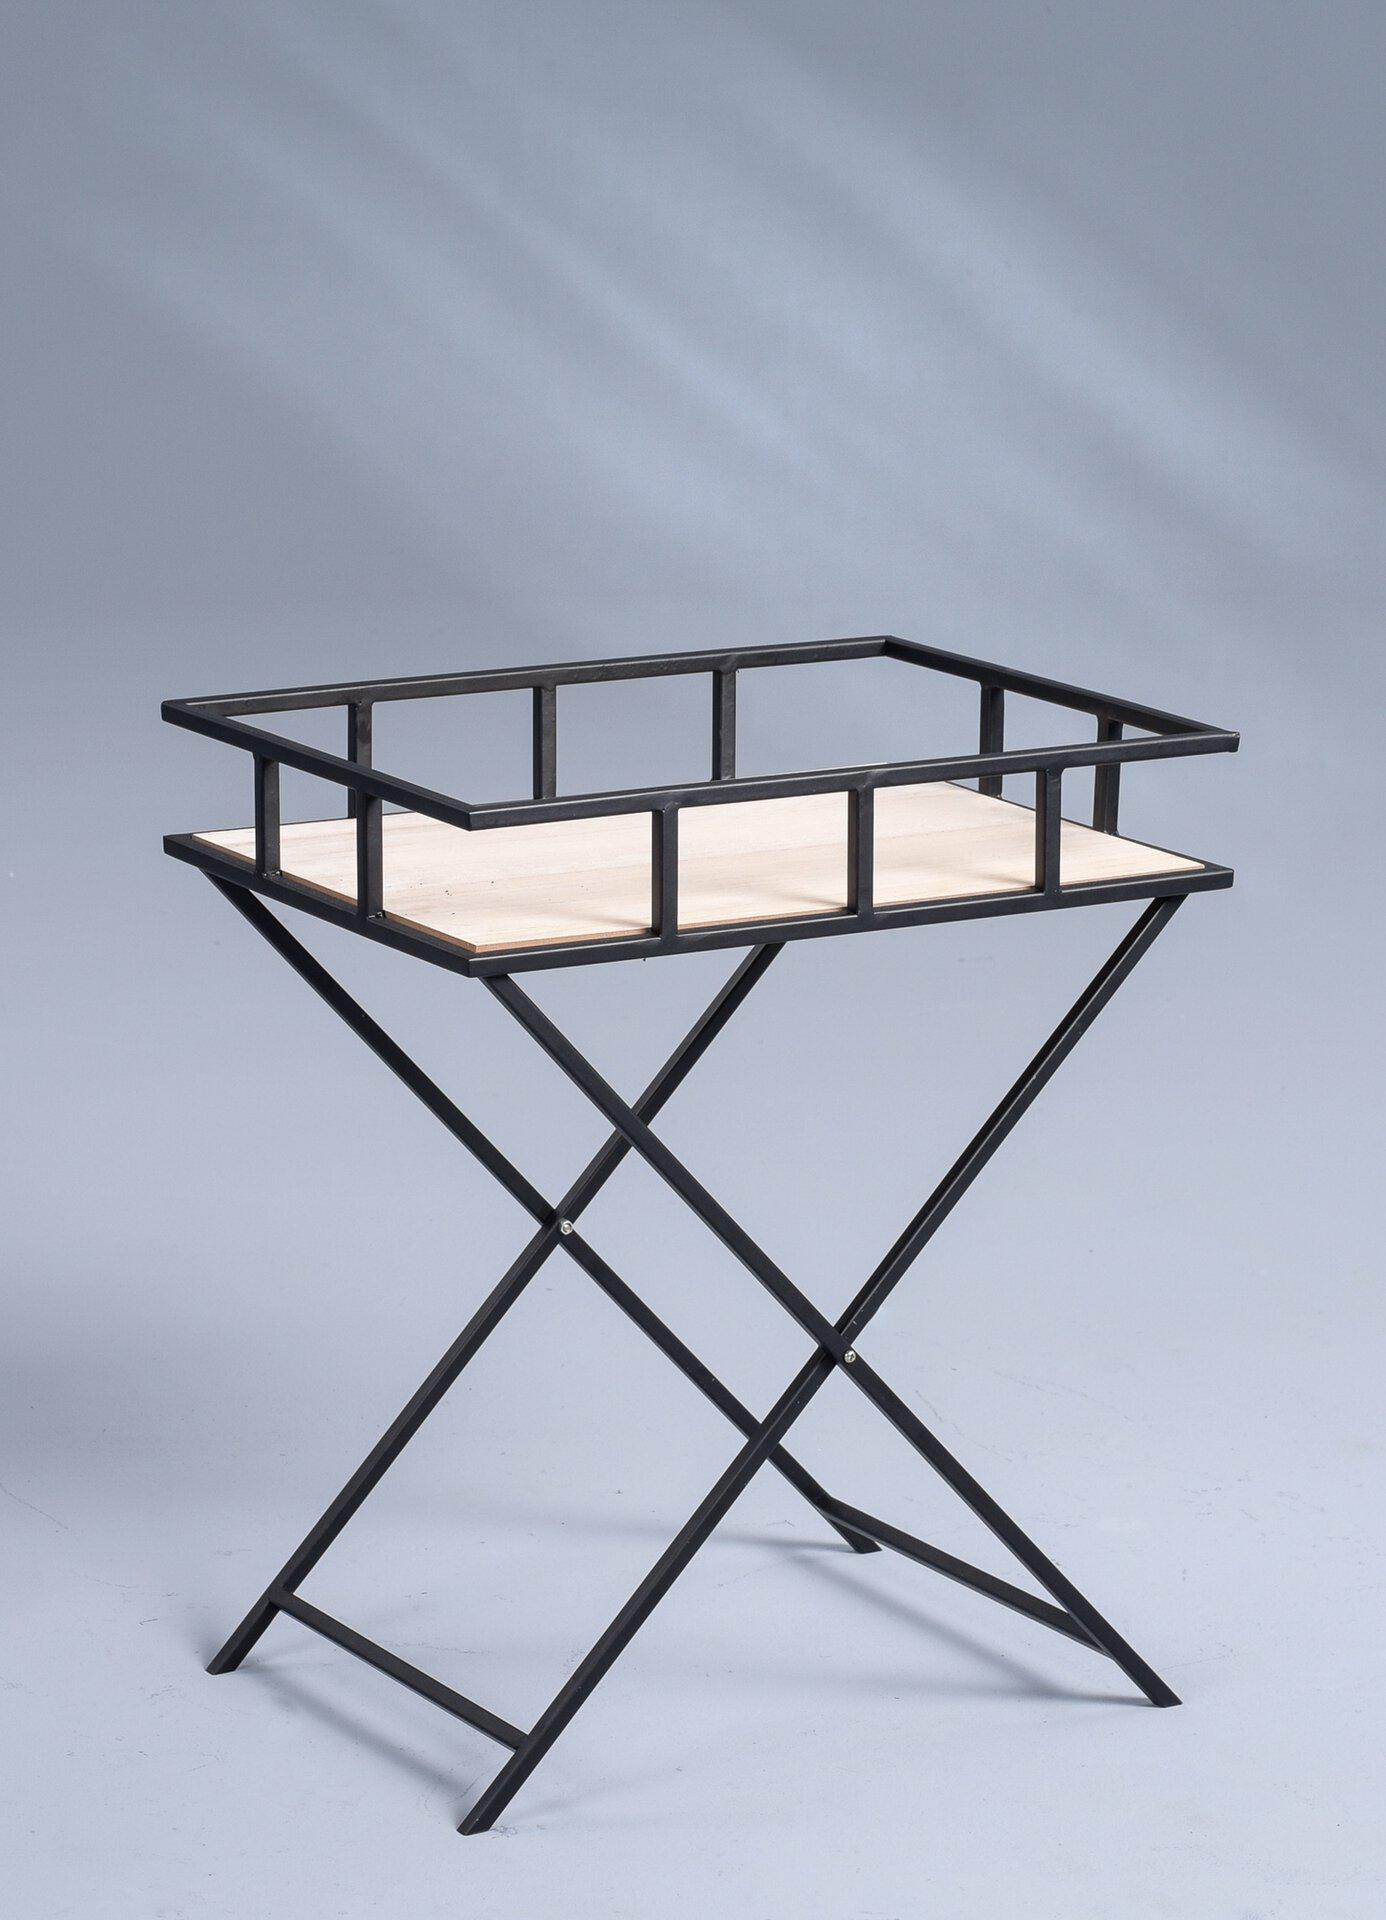 Beistelltisch ILKA M2 Kollektion Metall schwarz 33 x 53 x 43 cm